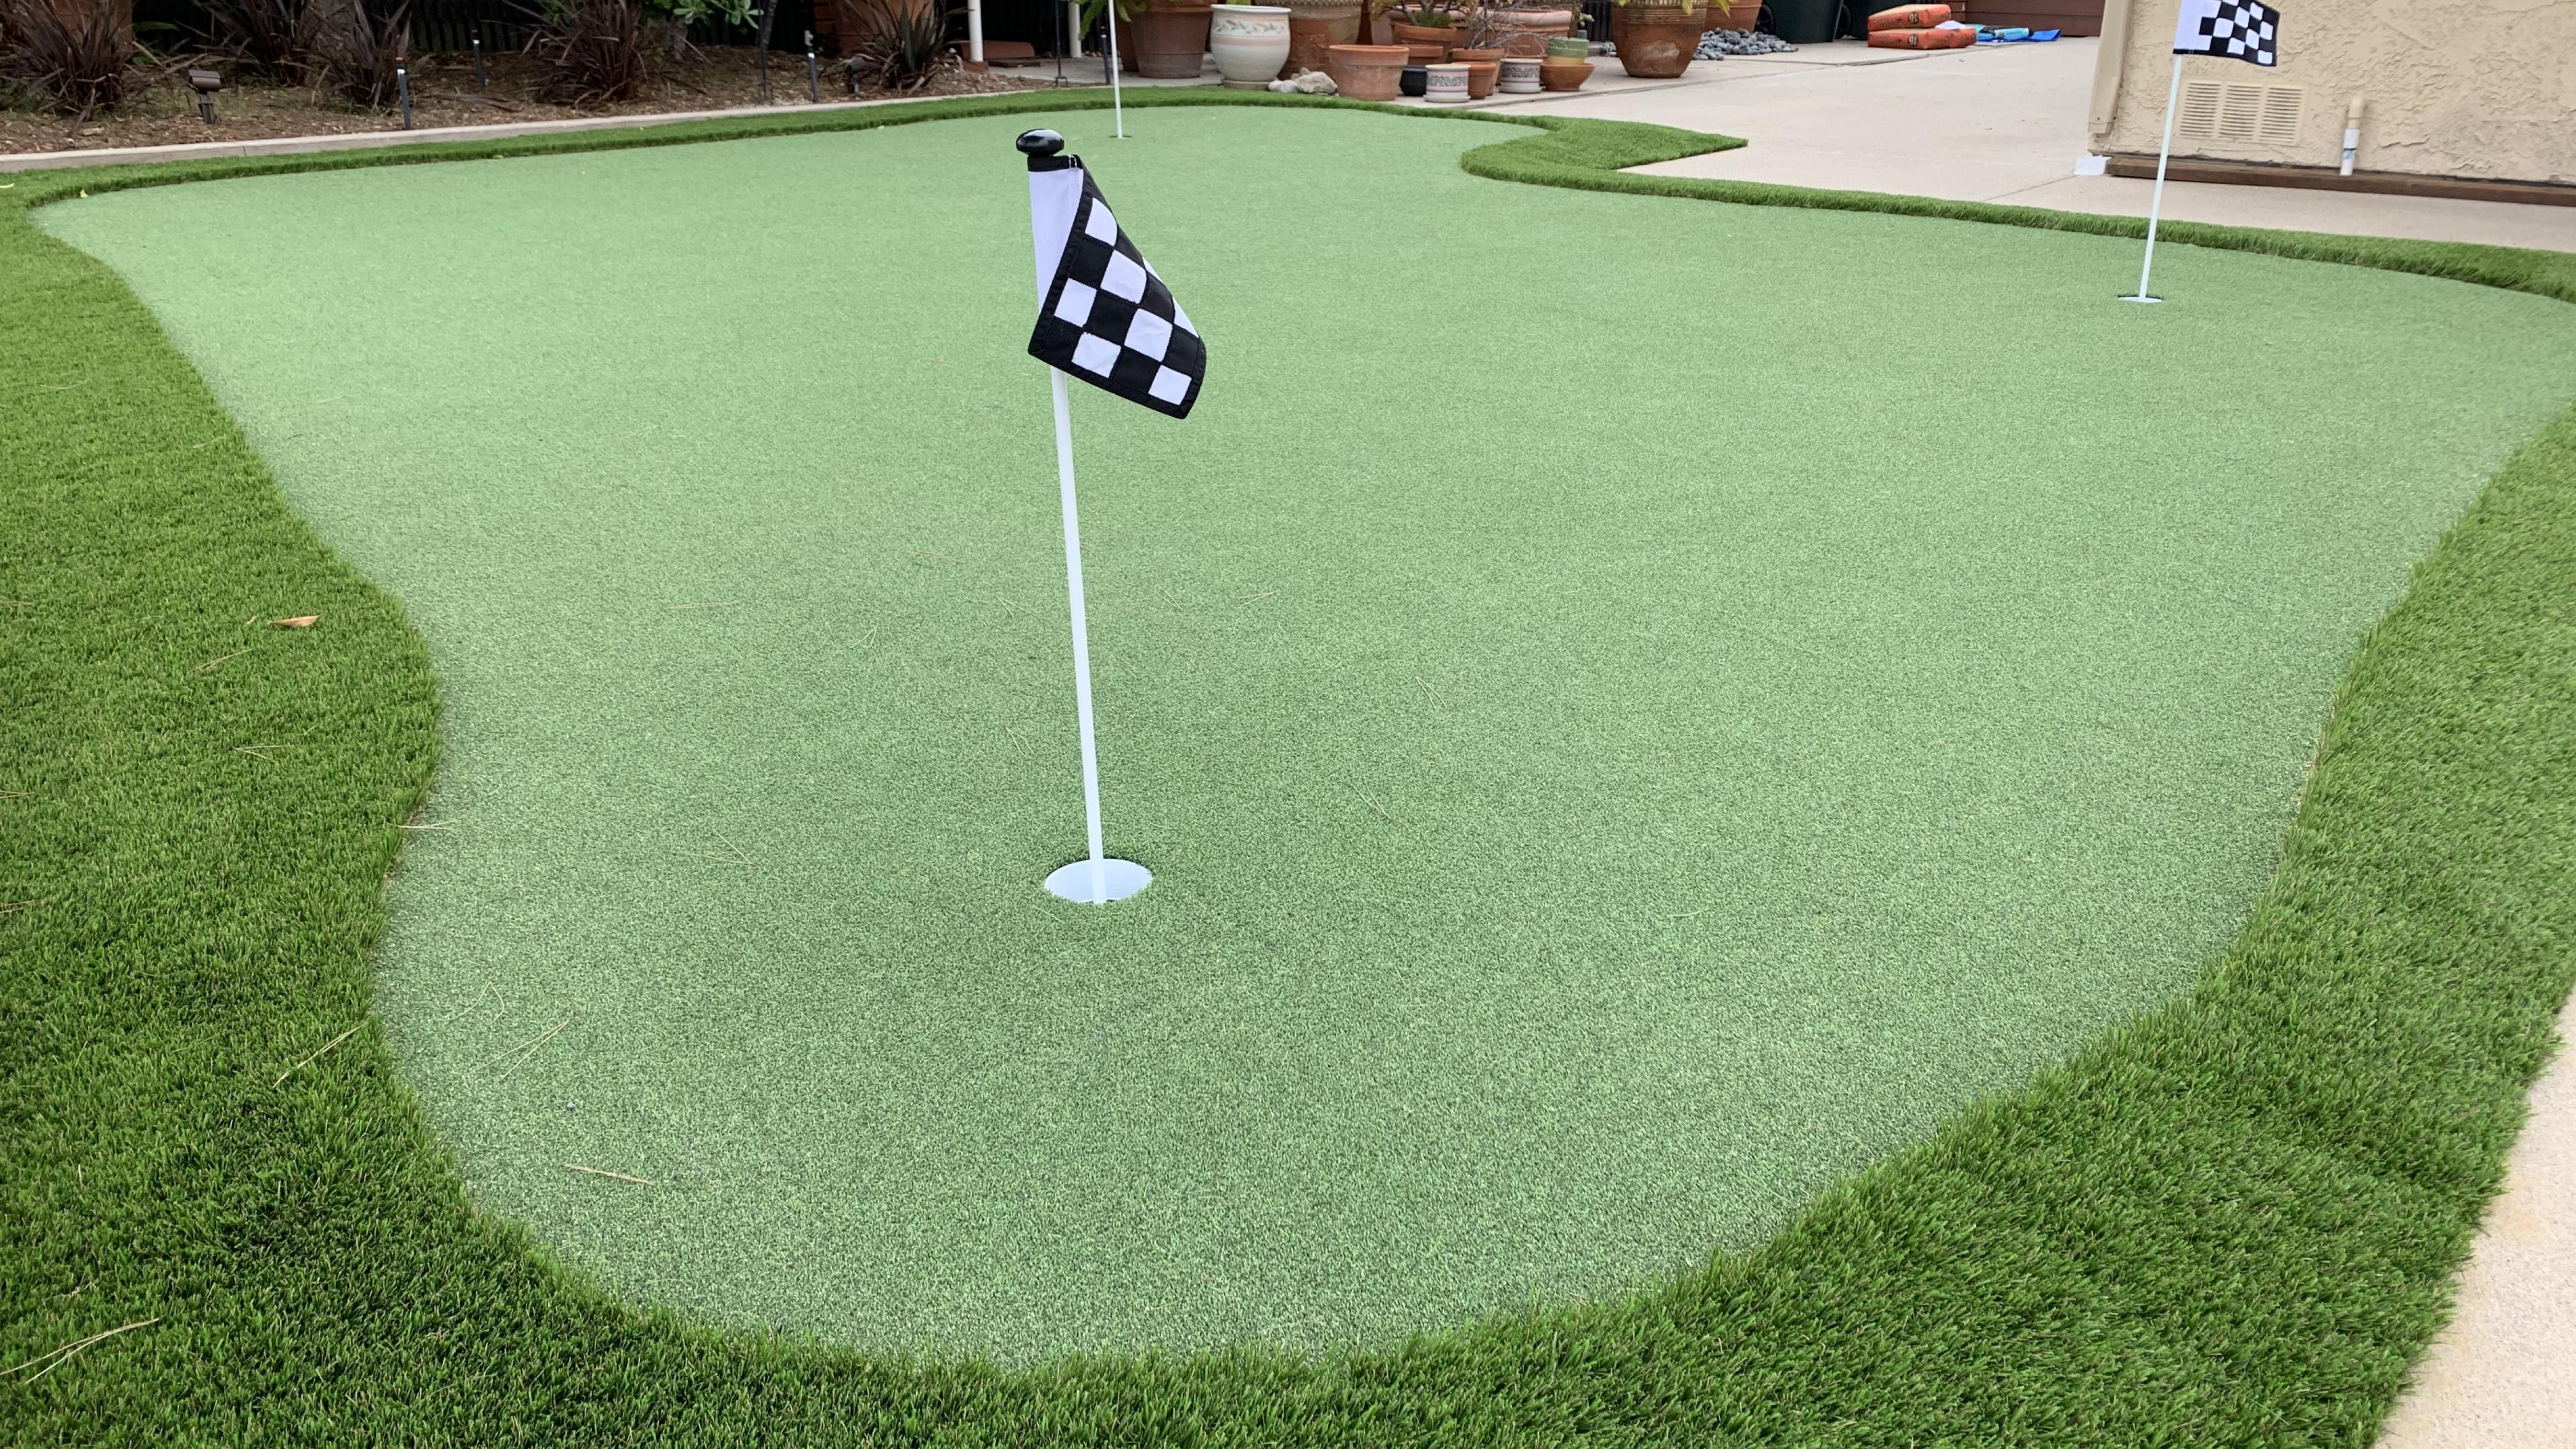 Putt-60 Bicolor best artificial grass,best fake grass,best synthetic grass,best turf,best artificial grass for home,fake green grass,green grass carpet,artificial lawn,synthetic lawn,fake lawn,turf lawn,fake grass lawn